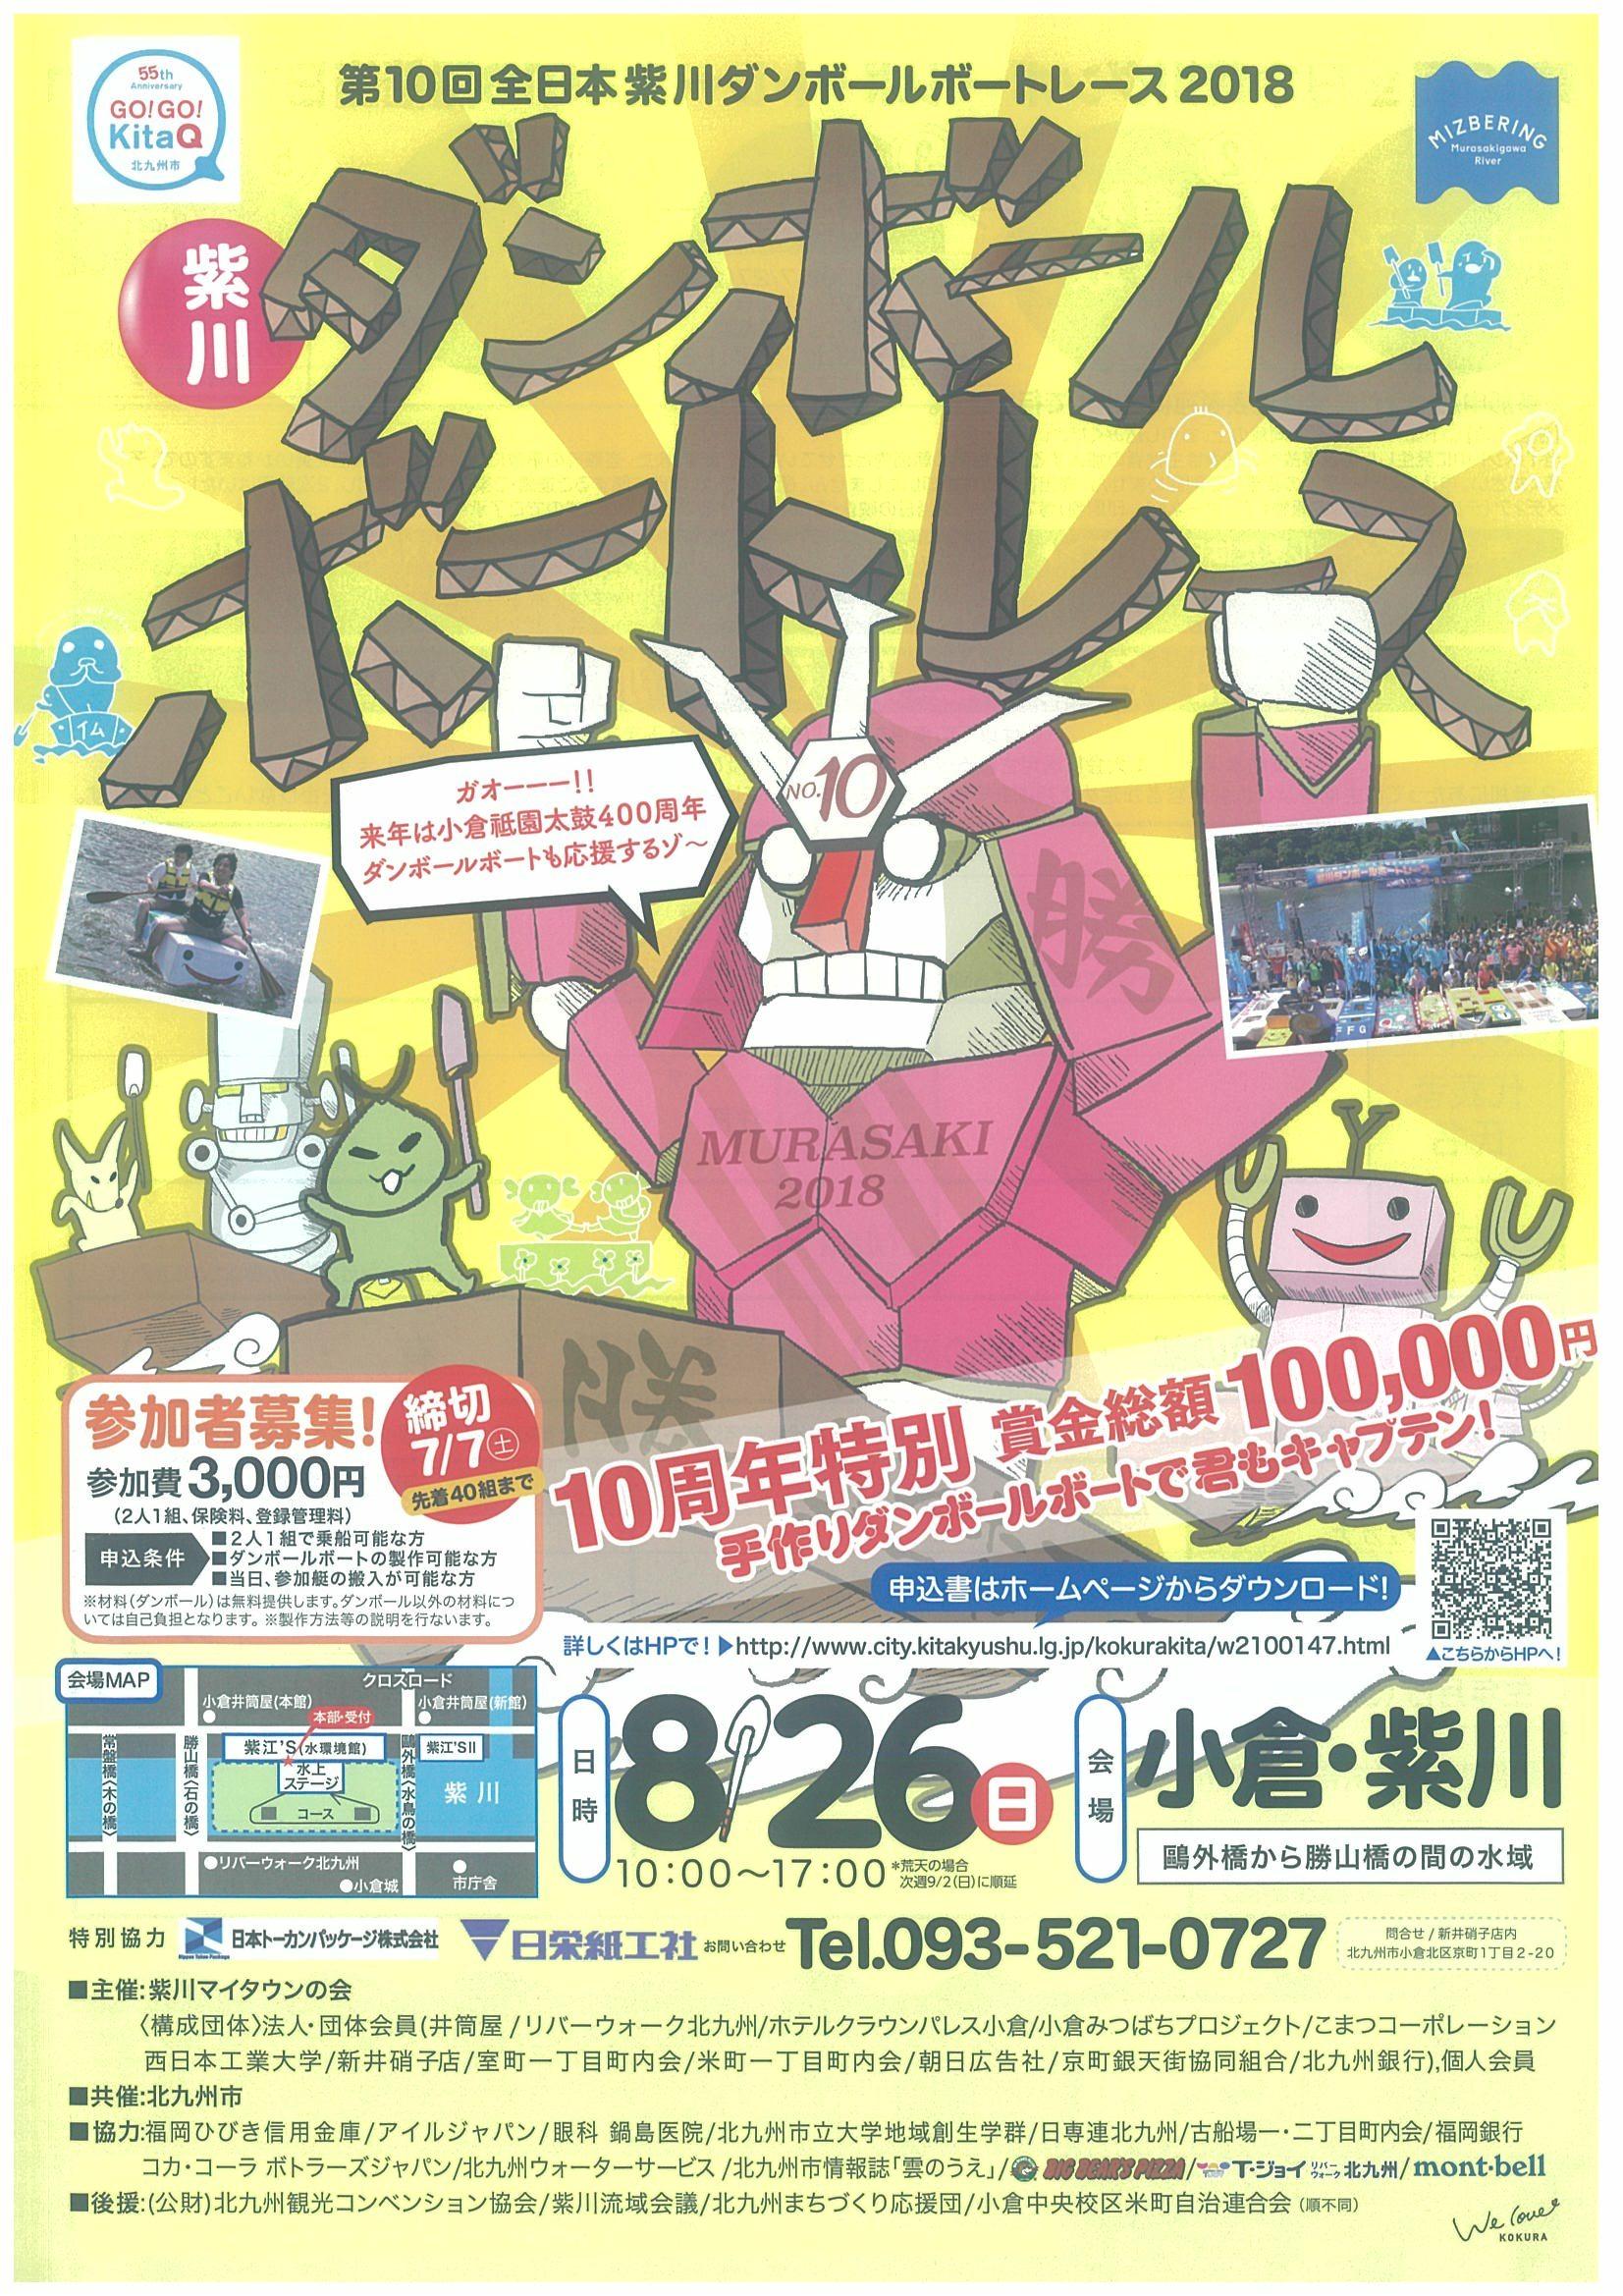 第10回全日本紫川ダンボールボートレース2018.jpg